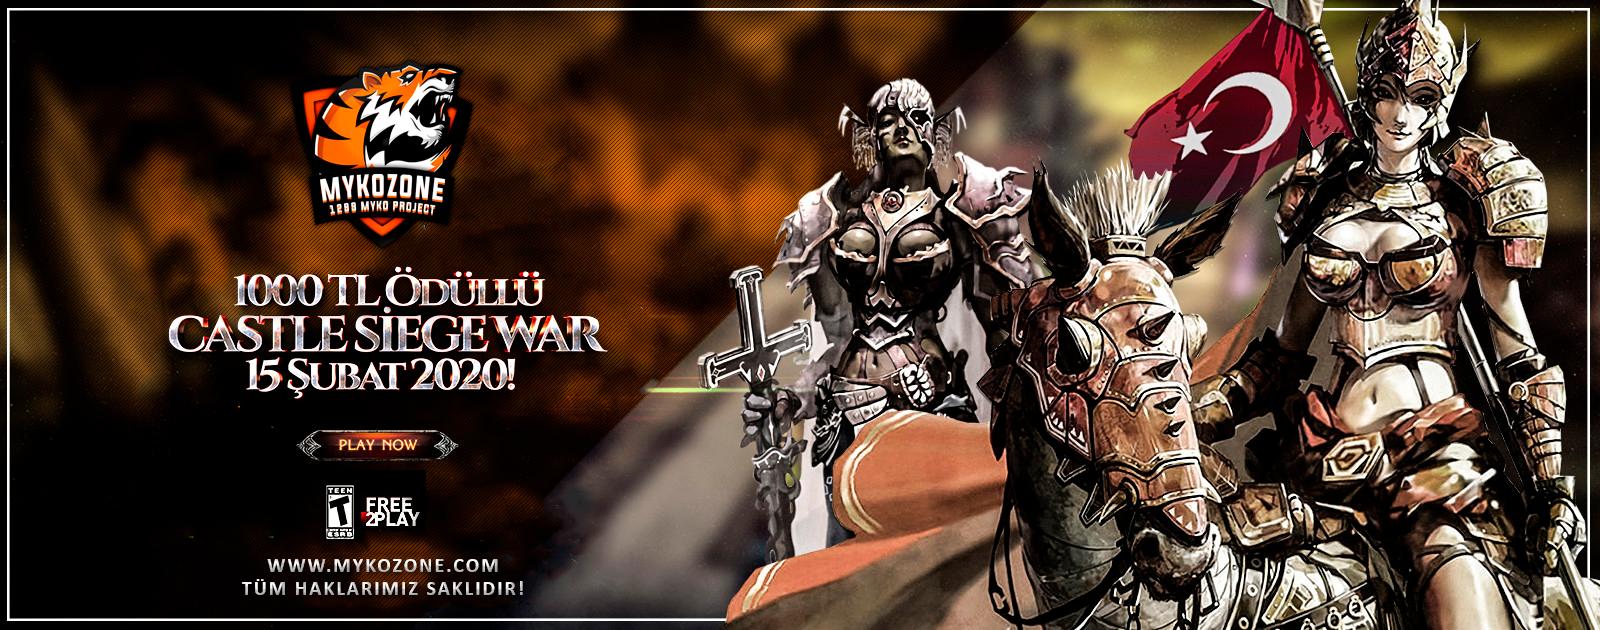 15 Subat Cumartesi Günü 1000 Tl Ödüllü Castle Siege War!